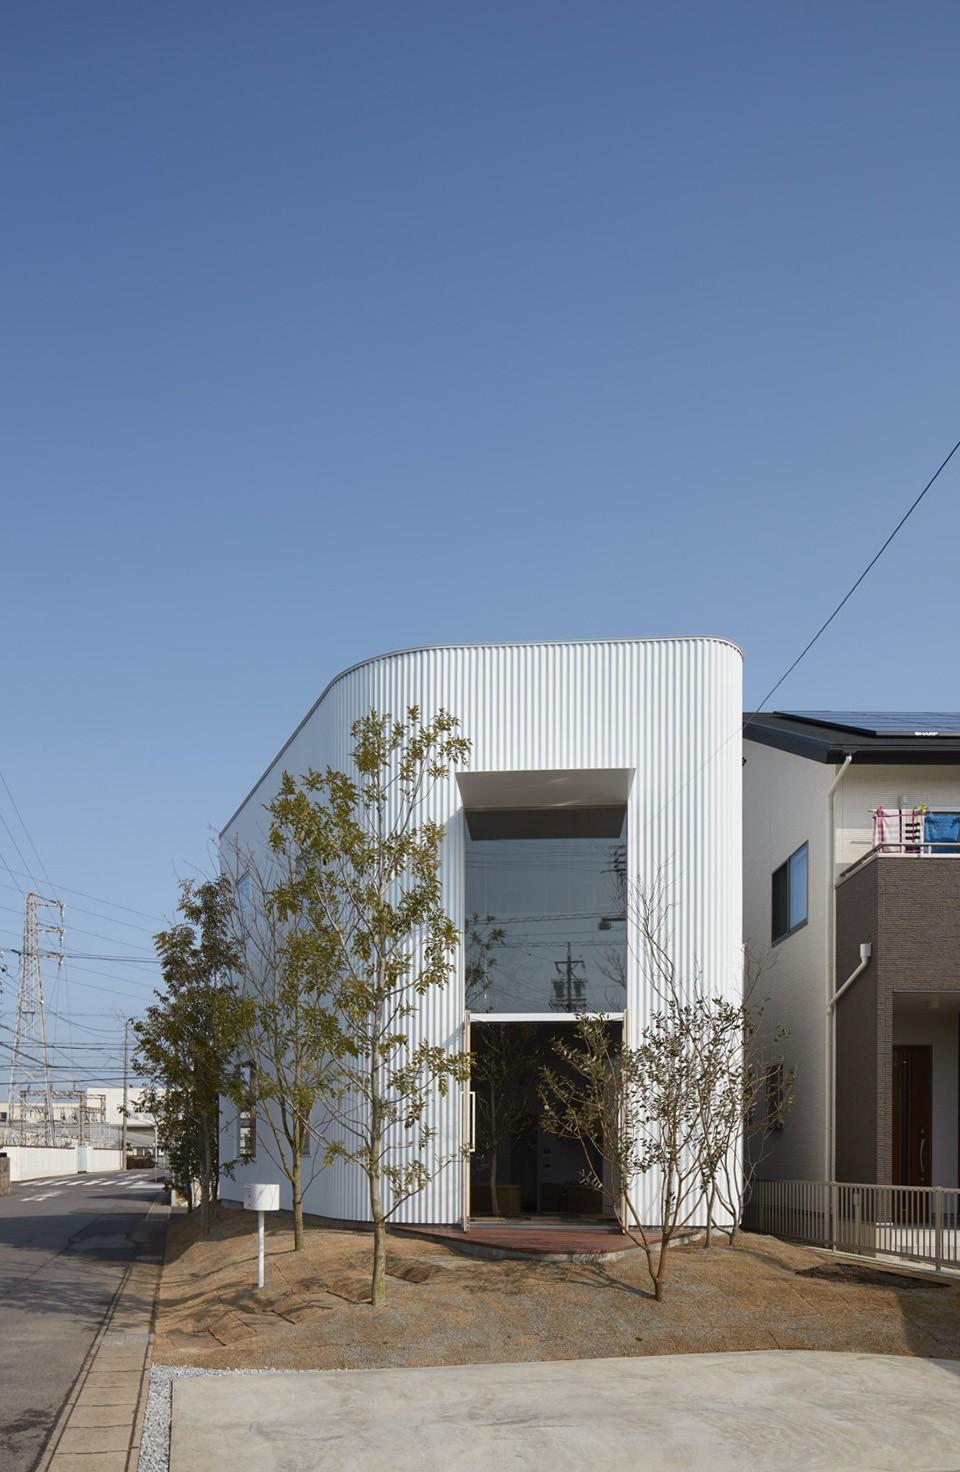 大口の家 / 五角形の曲線を持つデザイナーのアトリエハウス (外観)